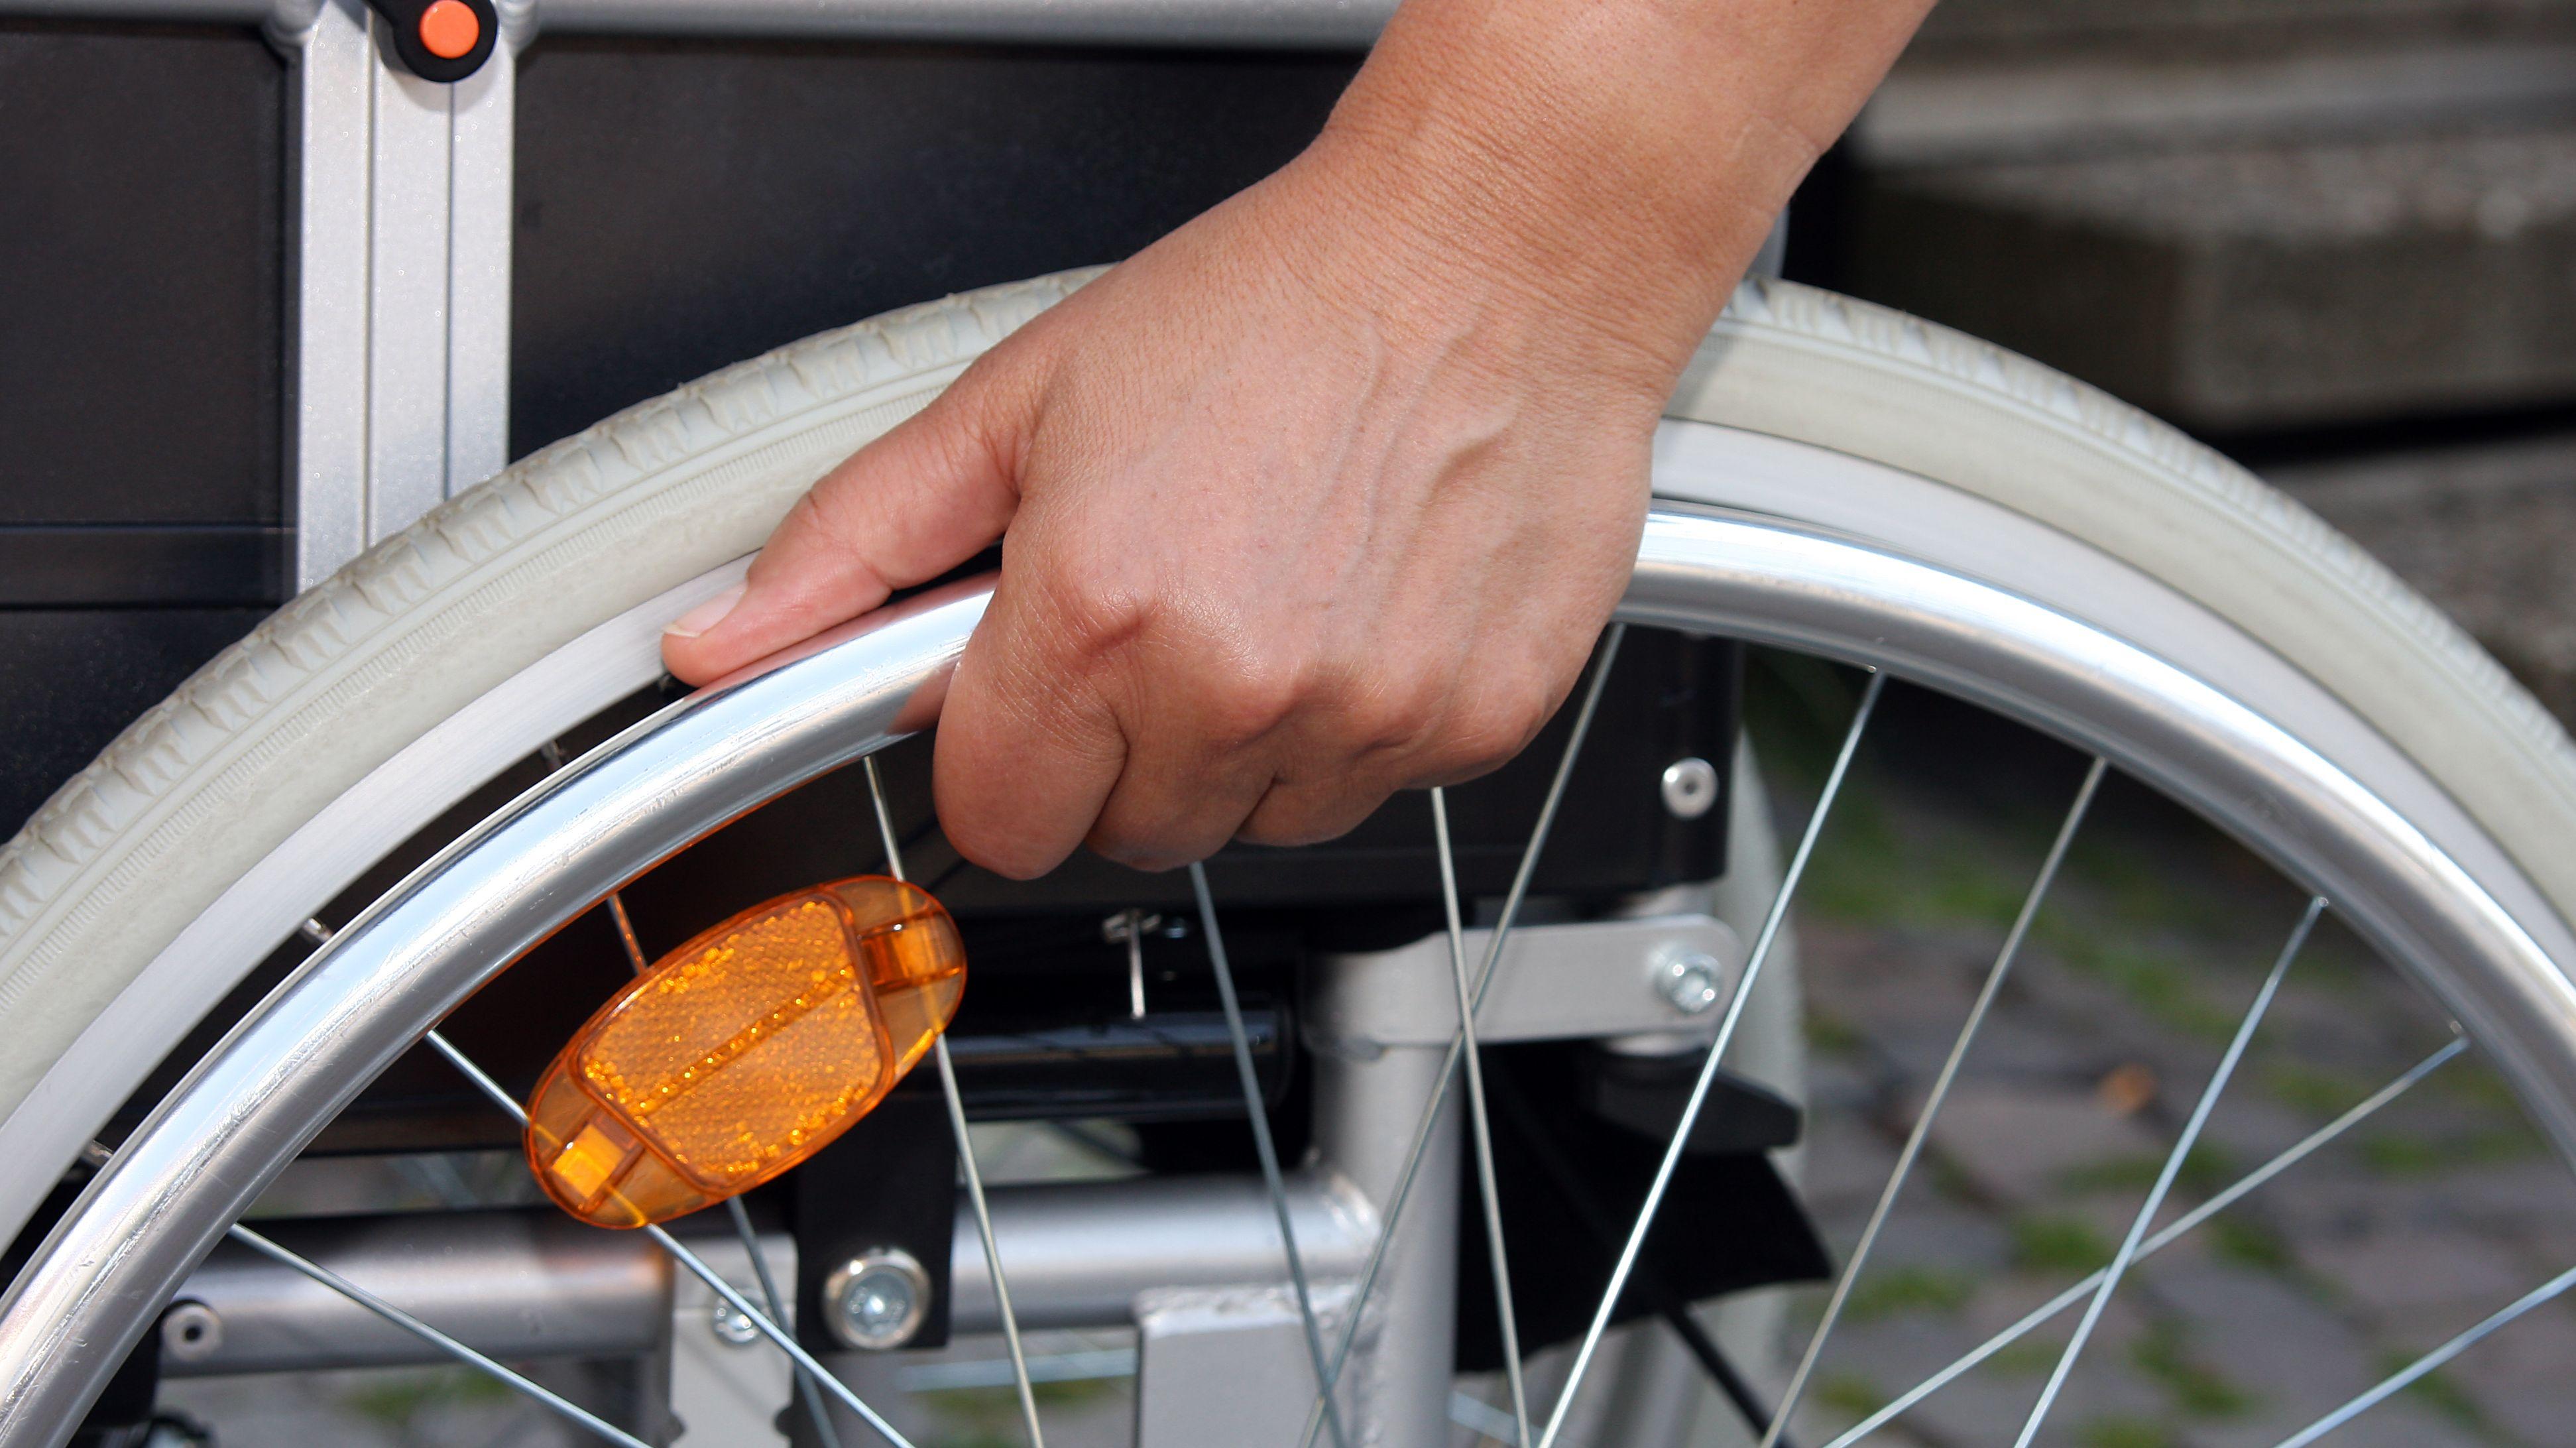 Symbolbild: Person in einem Rollstuhl